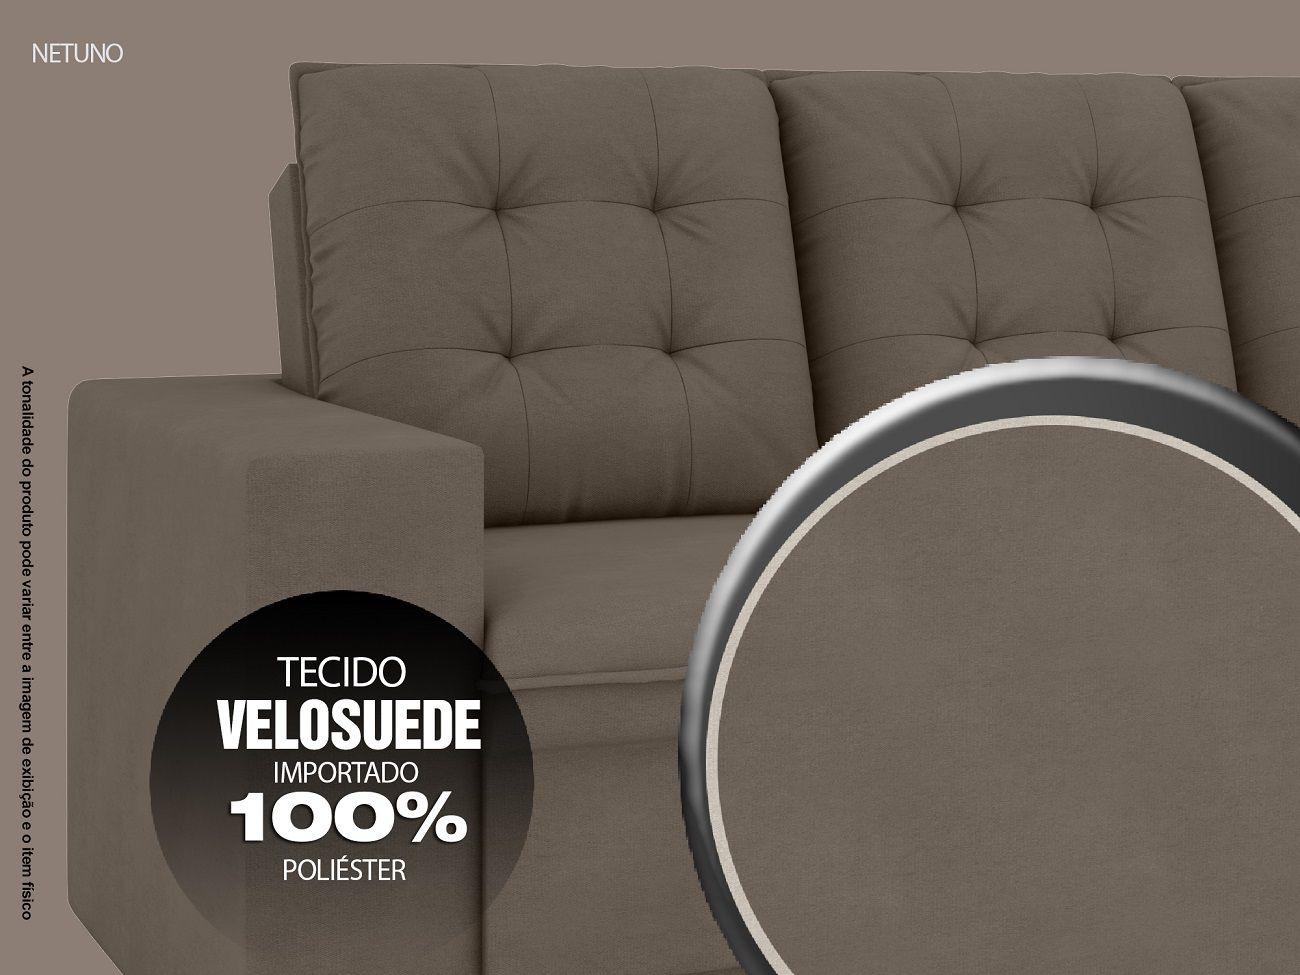 Sofá Netuno 2,60m Retrátil Velosuede Marrom - NETSOFAS  - NETSOFÁS